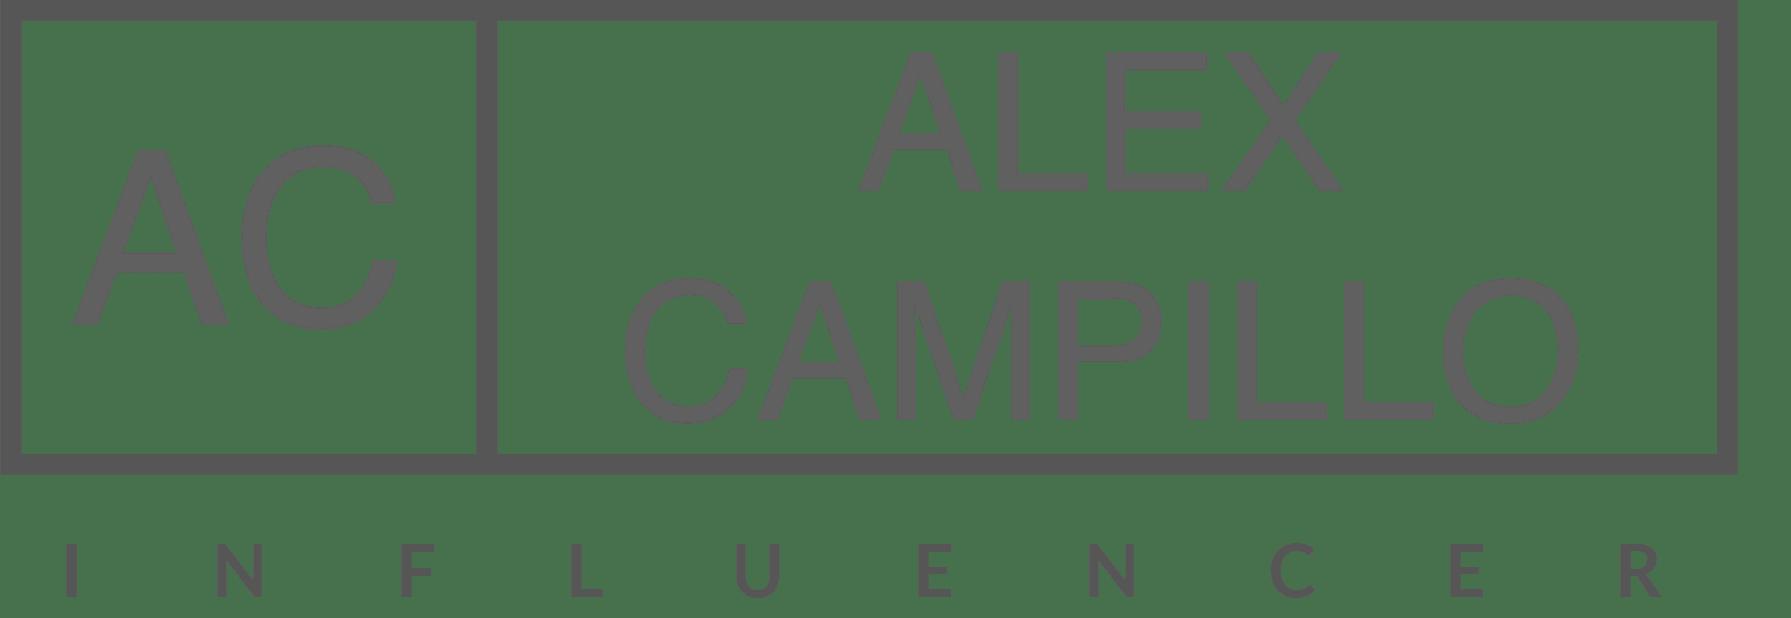 Alex Campillo